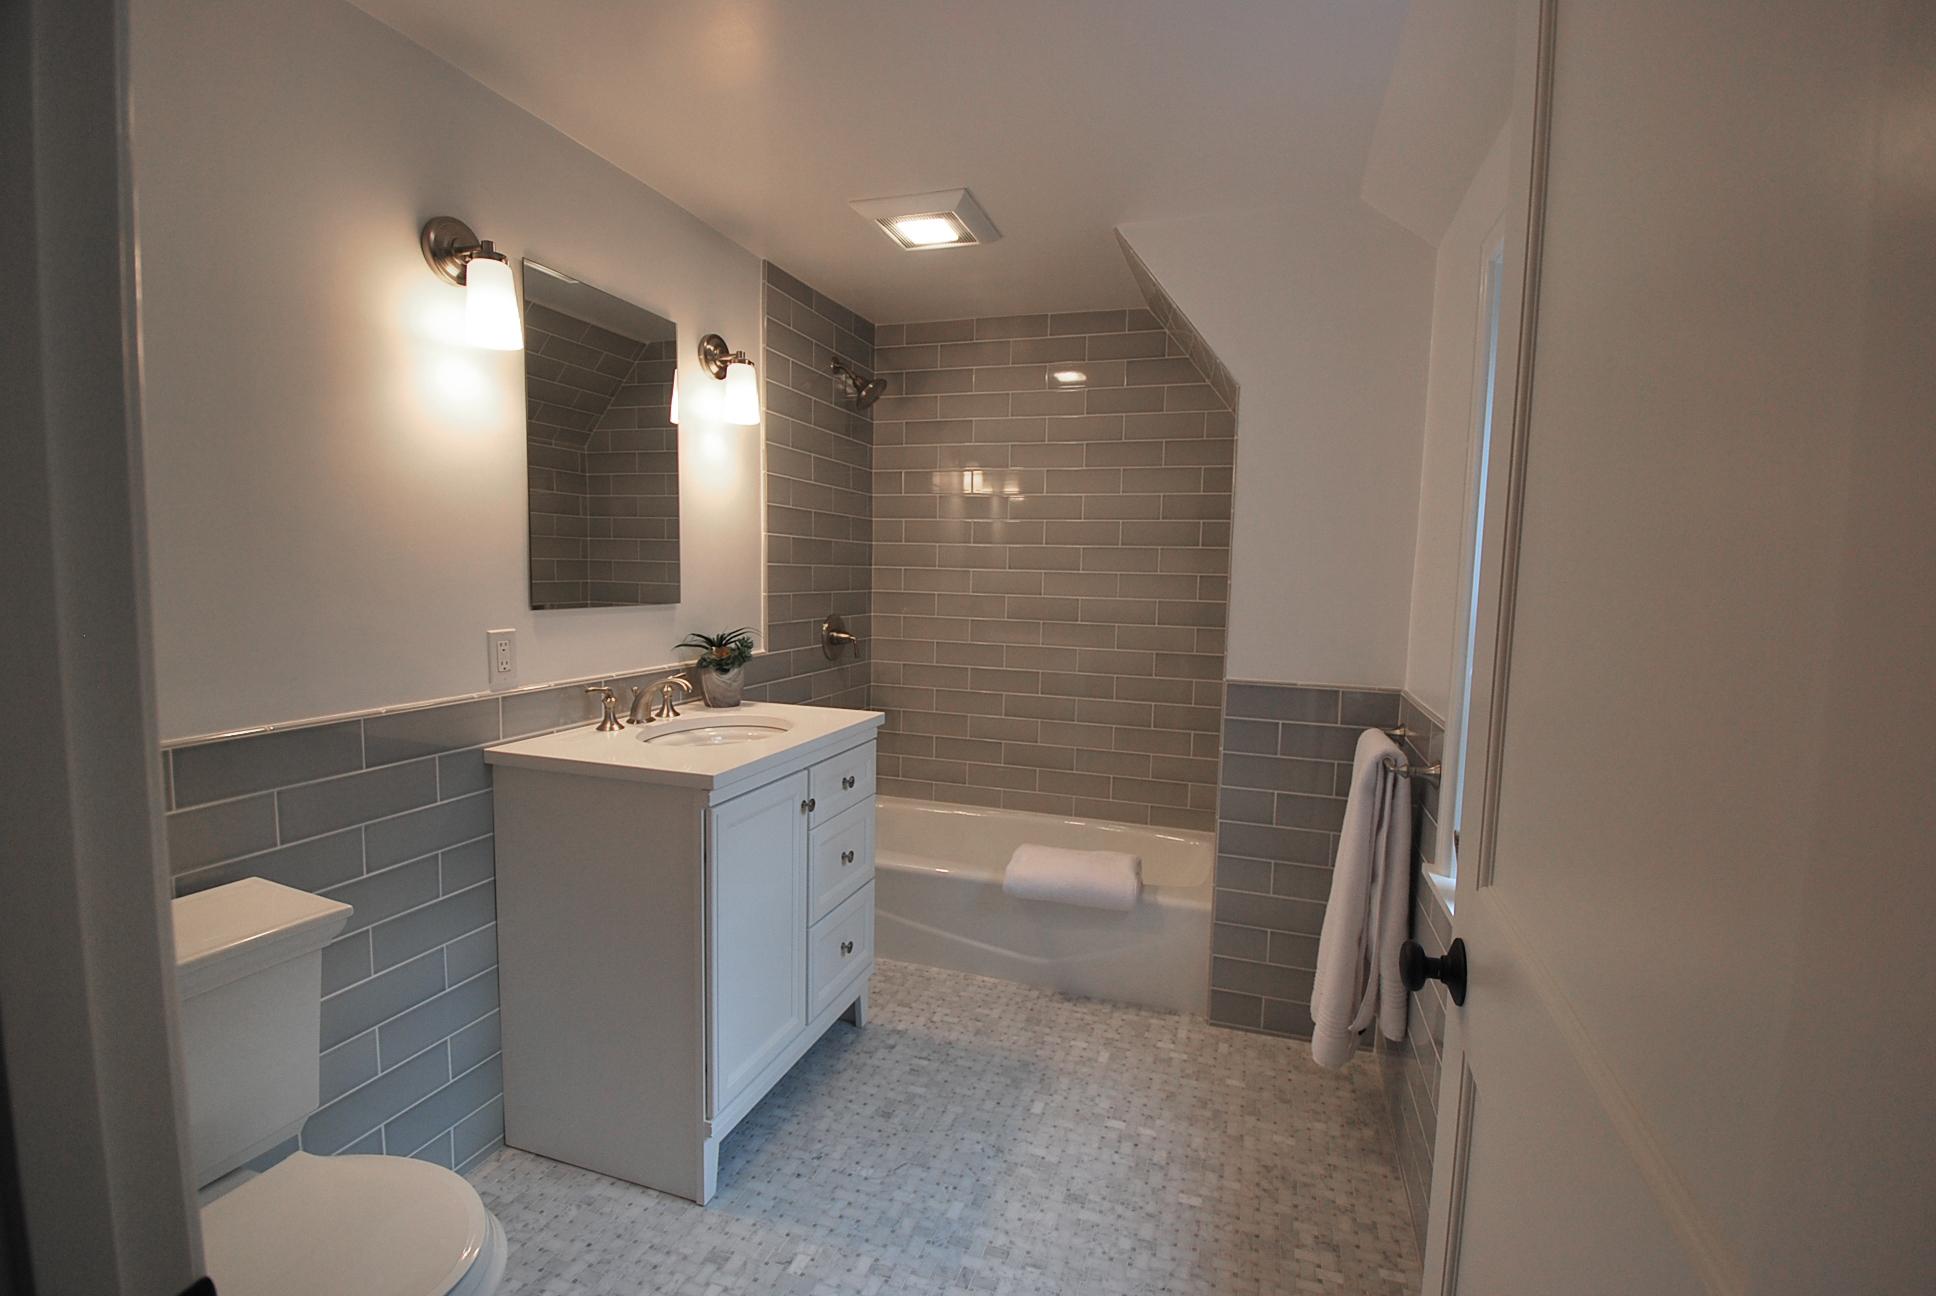 boffa bath 1.jpg